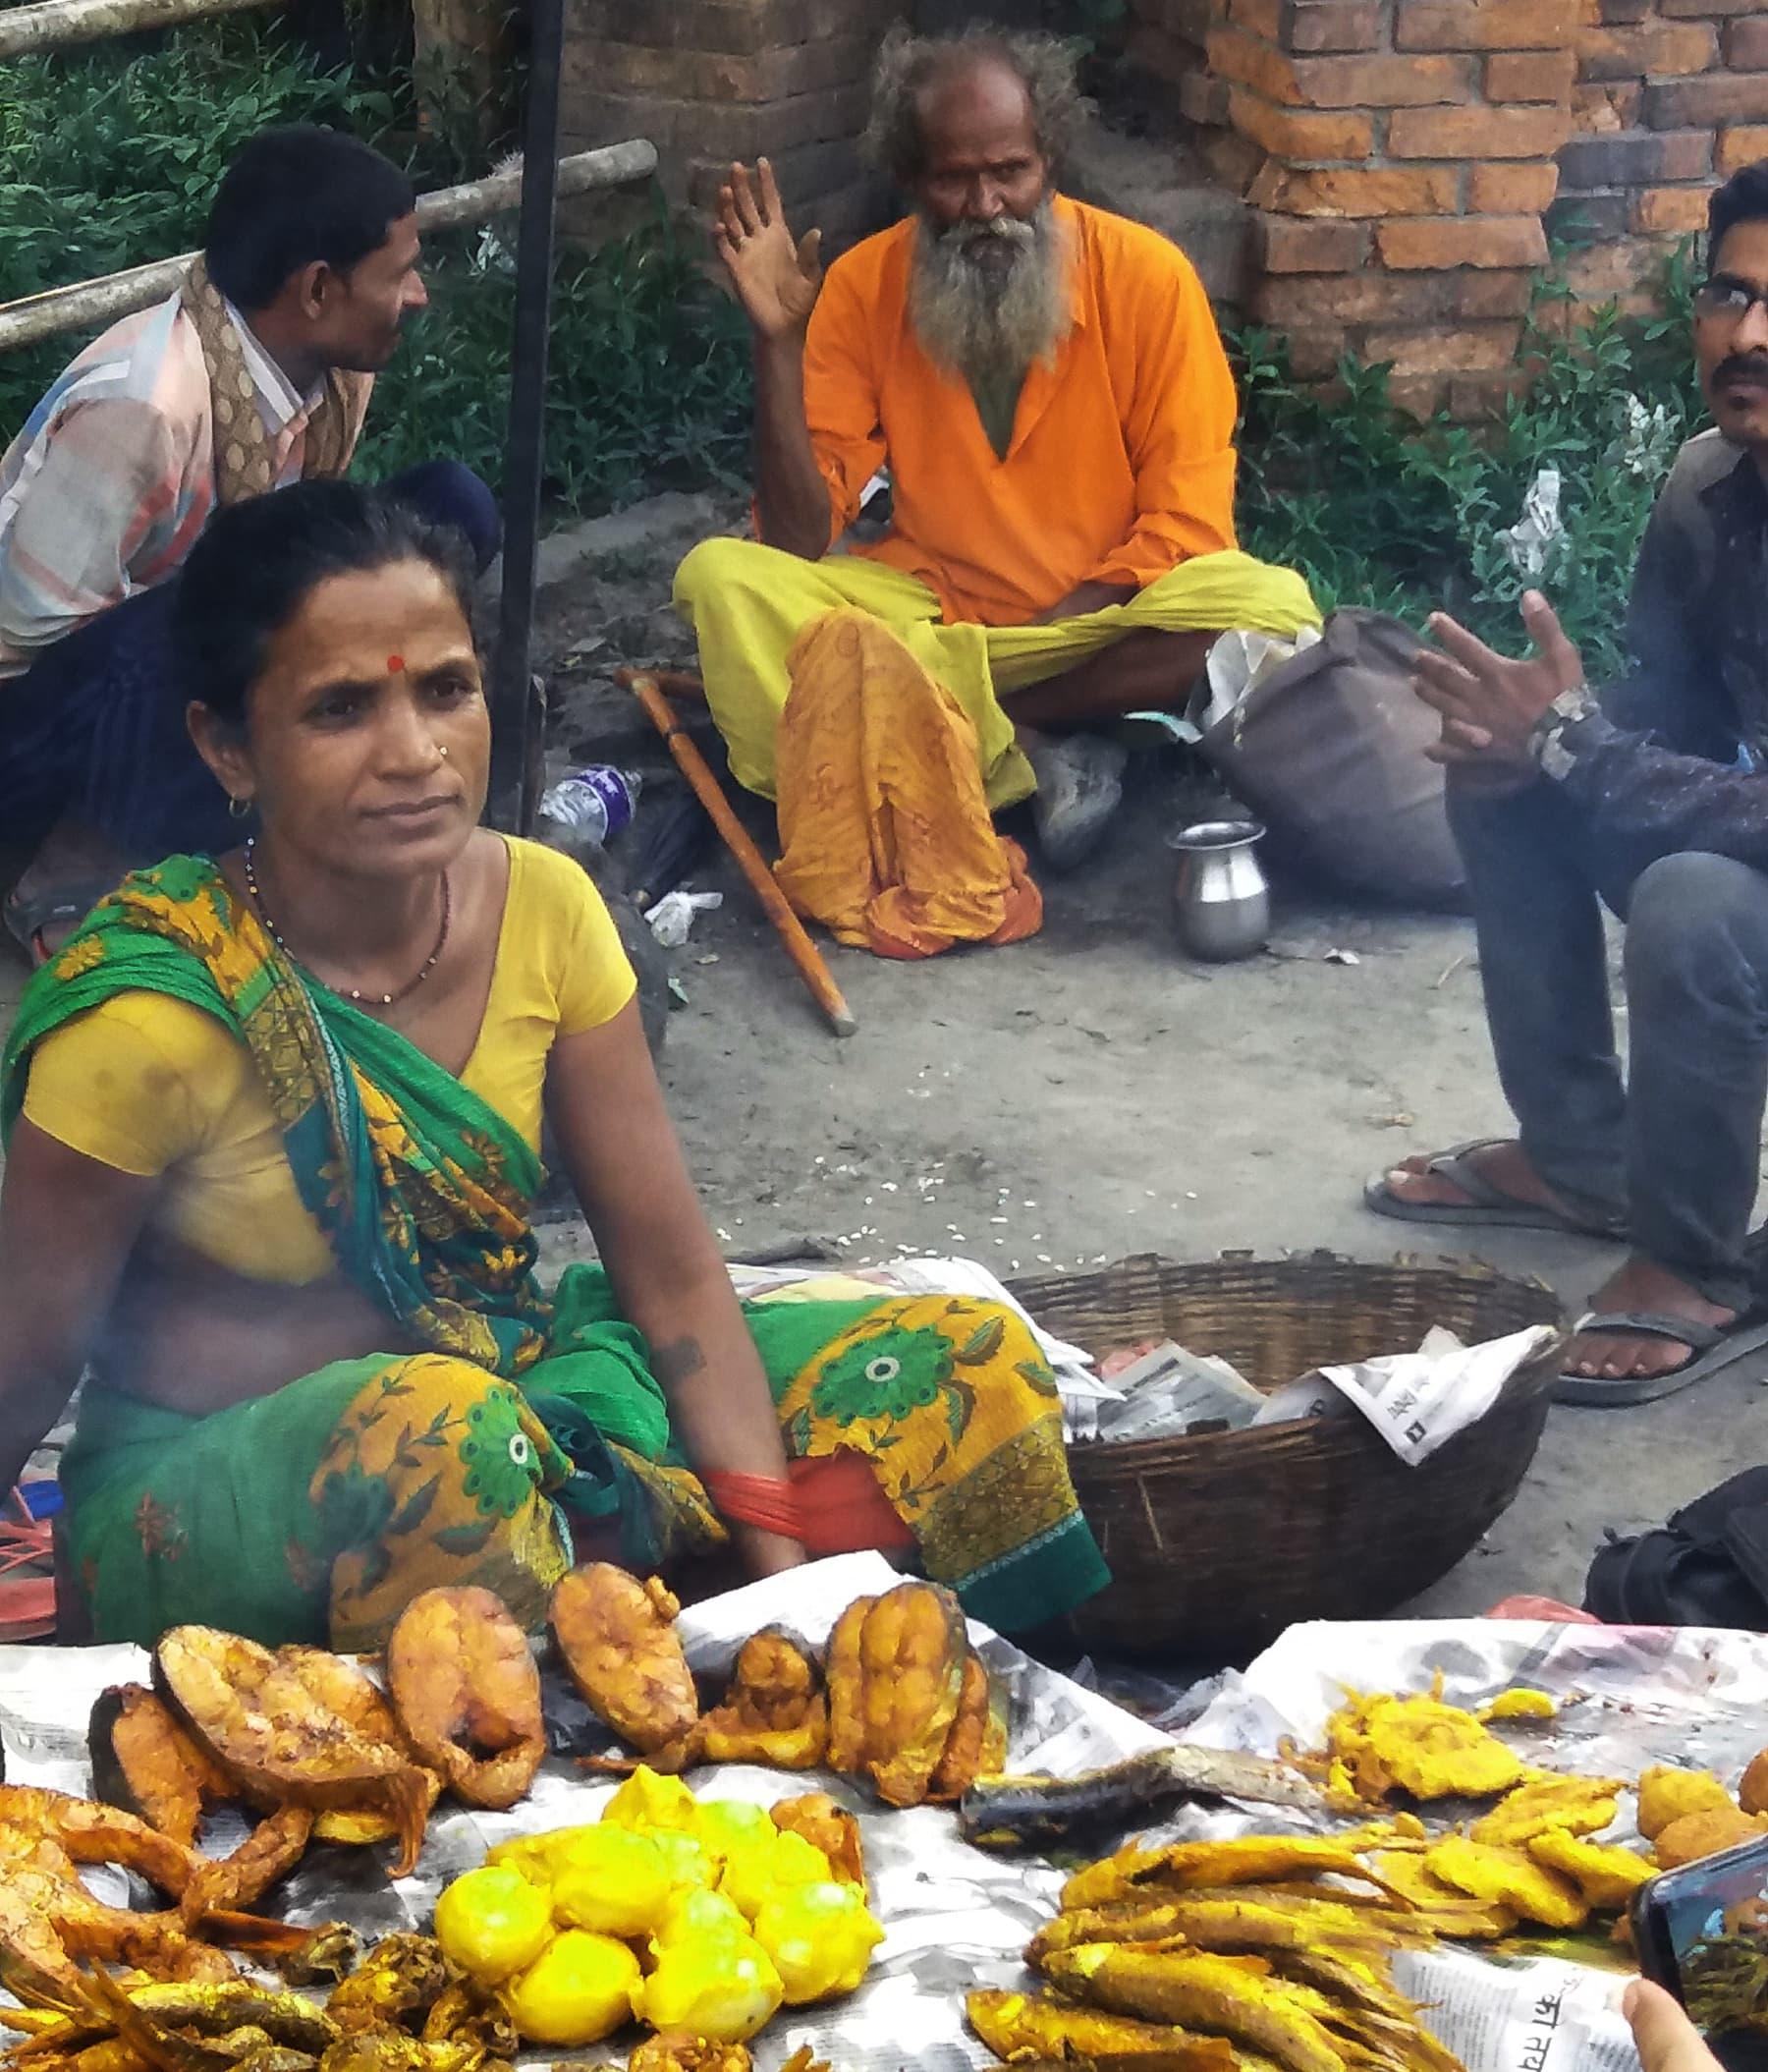 پکوڑے، تلی ہوئی مچھلی اور ابلے ہوئے انڈے فروخت کر رہی ایک نیپالی خاتون—تصویر شبینہ فراز